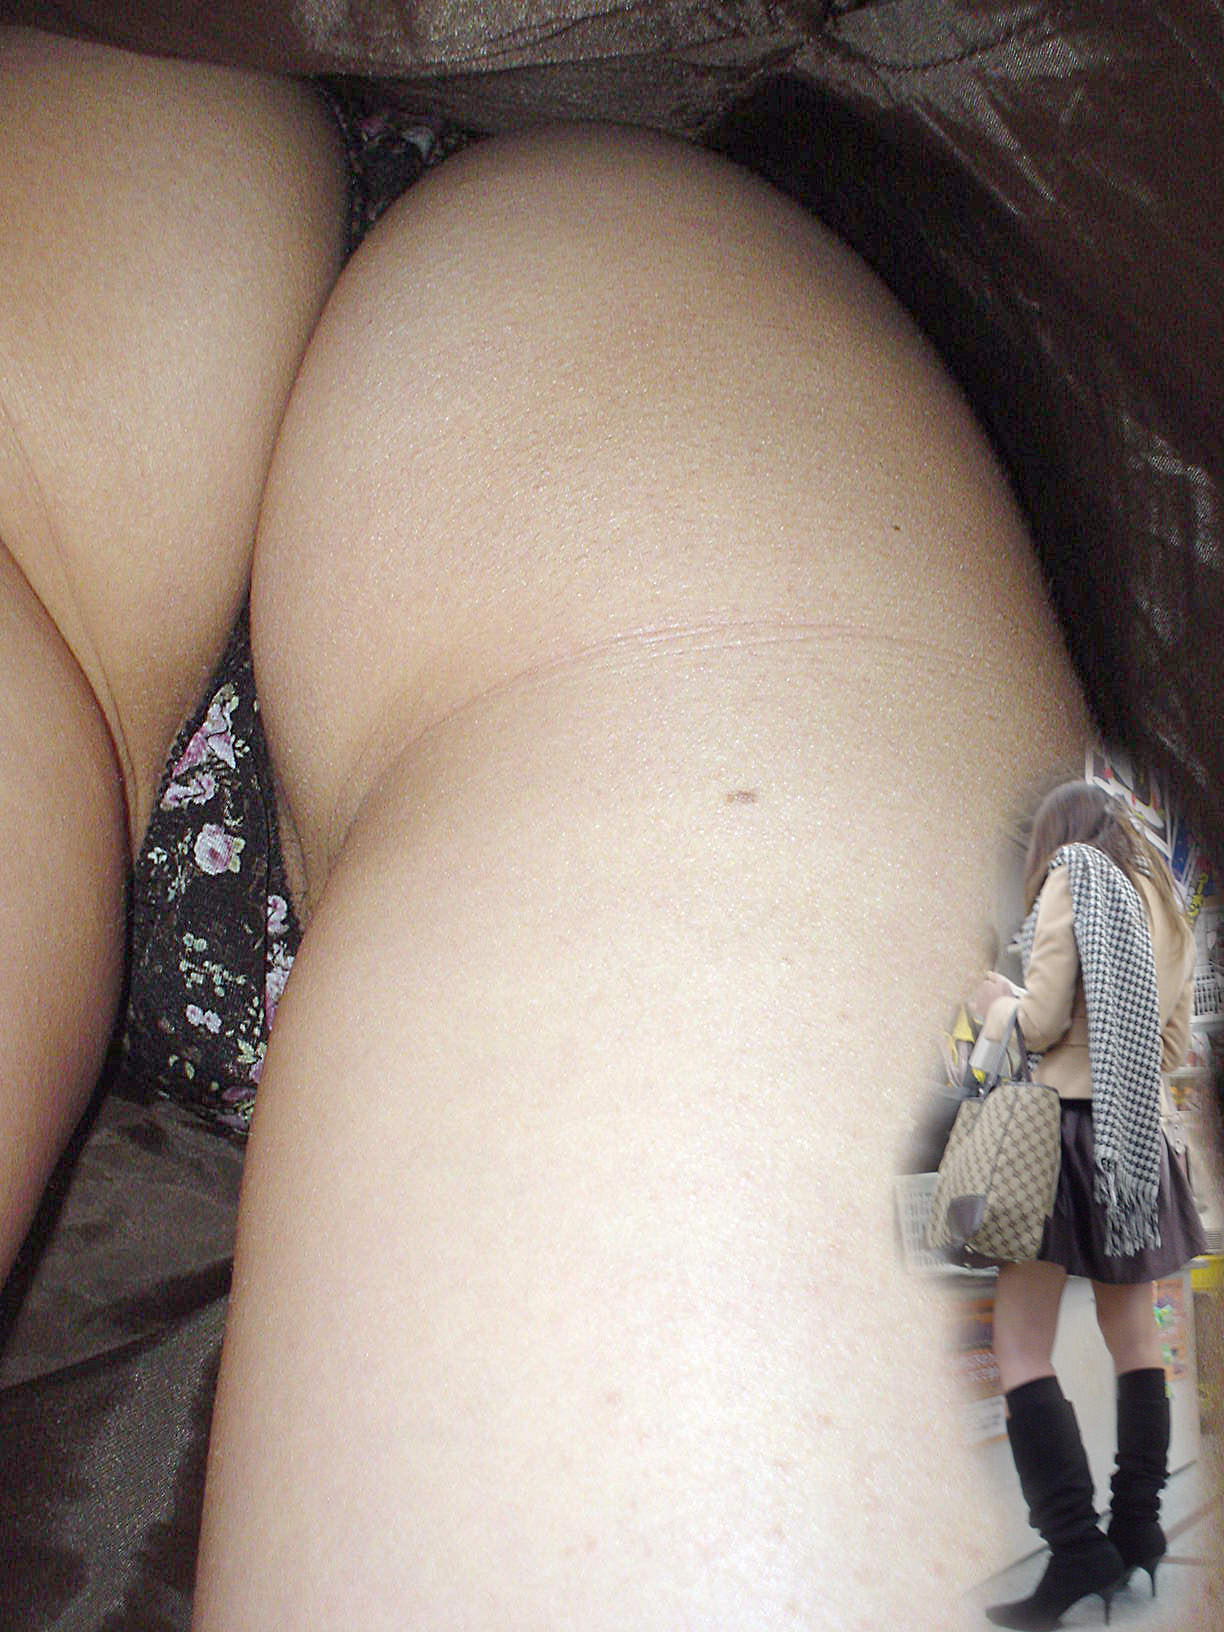 Tバックとかいうエロい下着を履いた素人女性www逆さ撮りパンチラこっそり撮影wwwwwww 1532 1